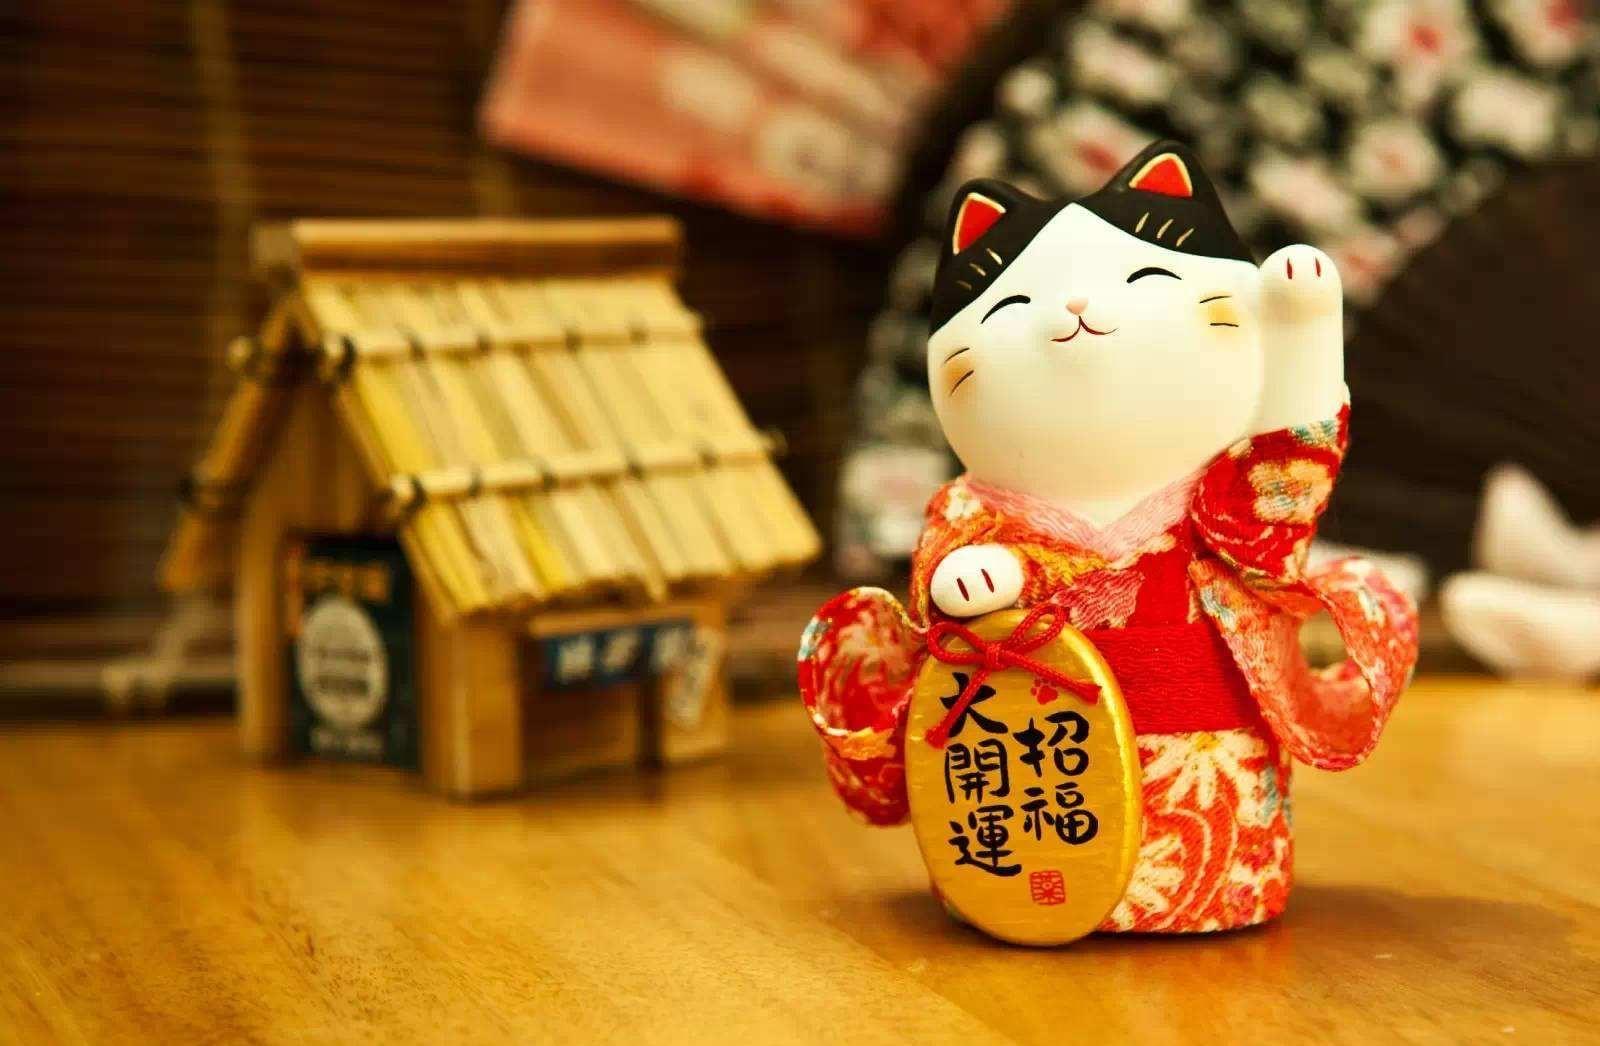 日本传说之:夜神黑猫 行业新闻 - 西诺教育-杭州